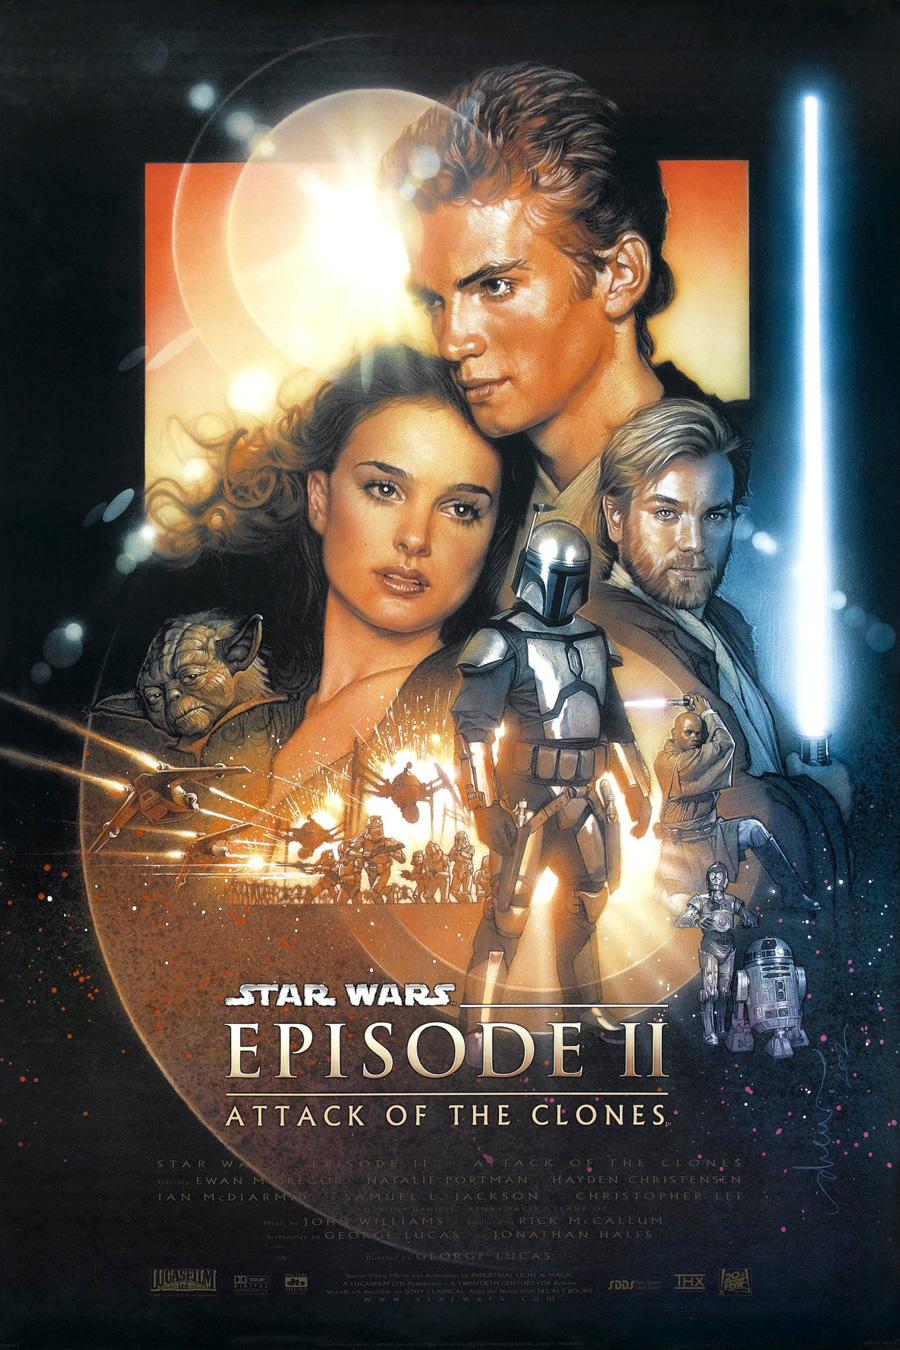 Star Wars - Episode II Attack of the Clones - Props Dresser